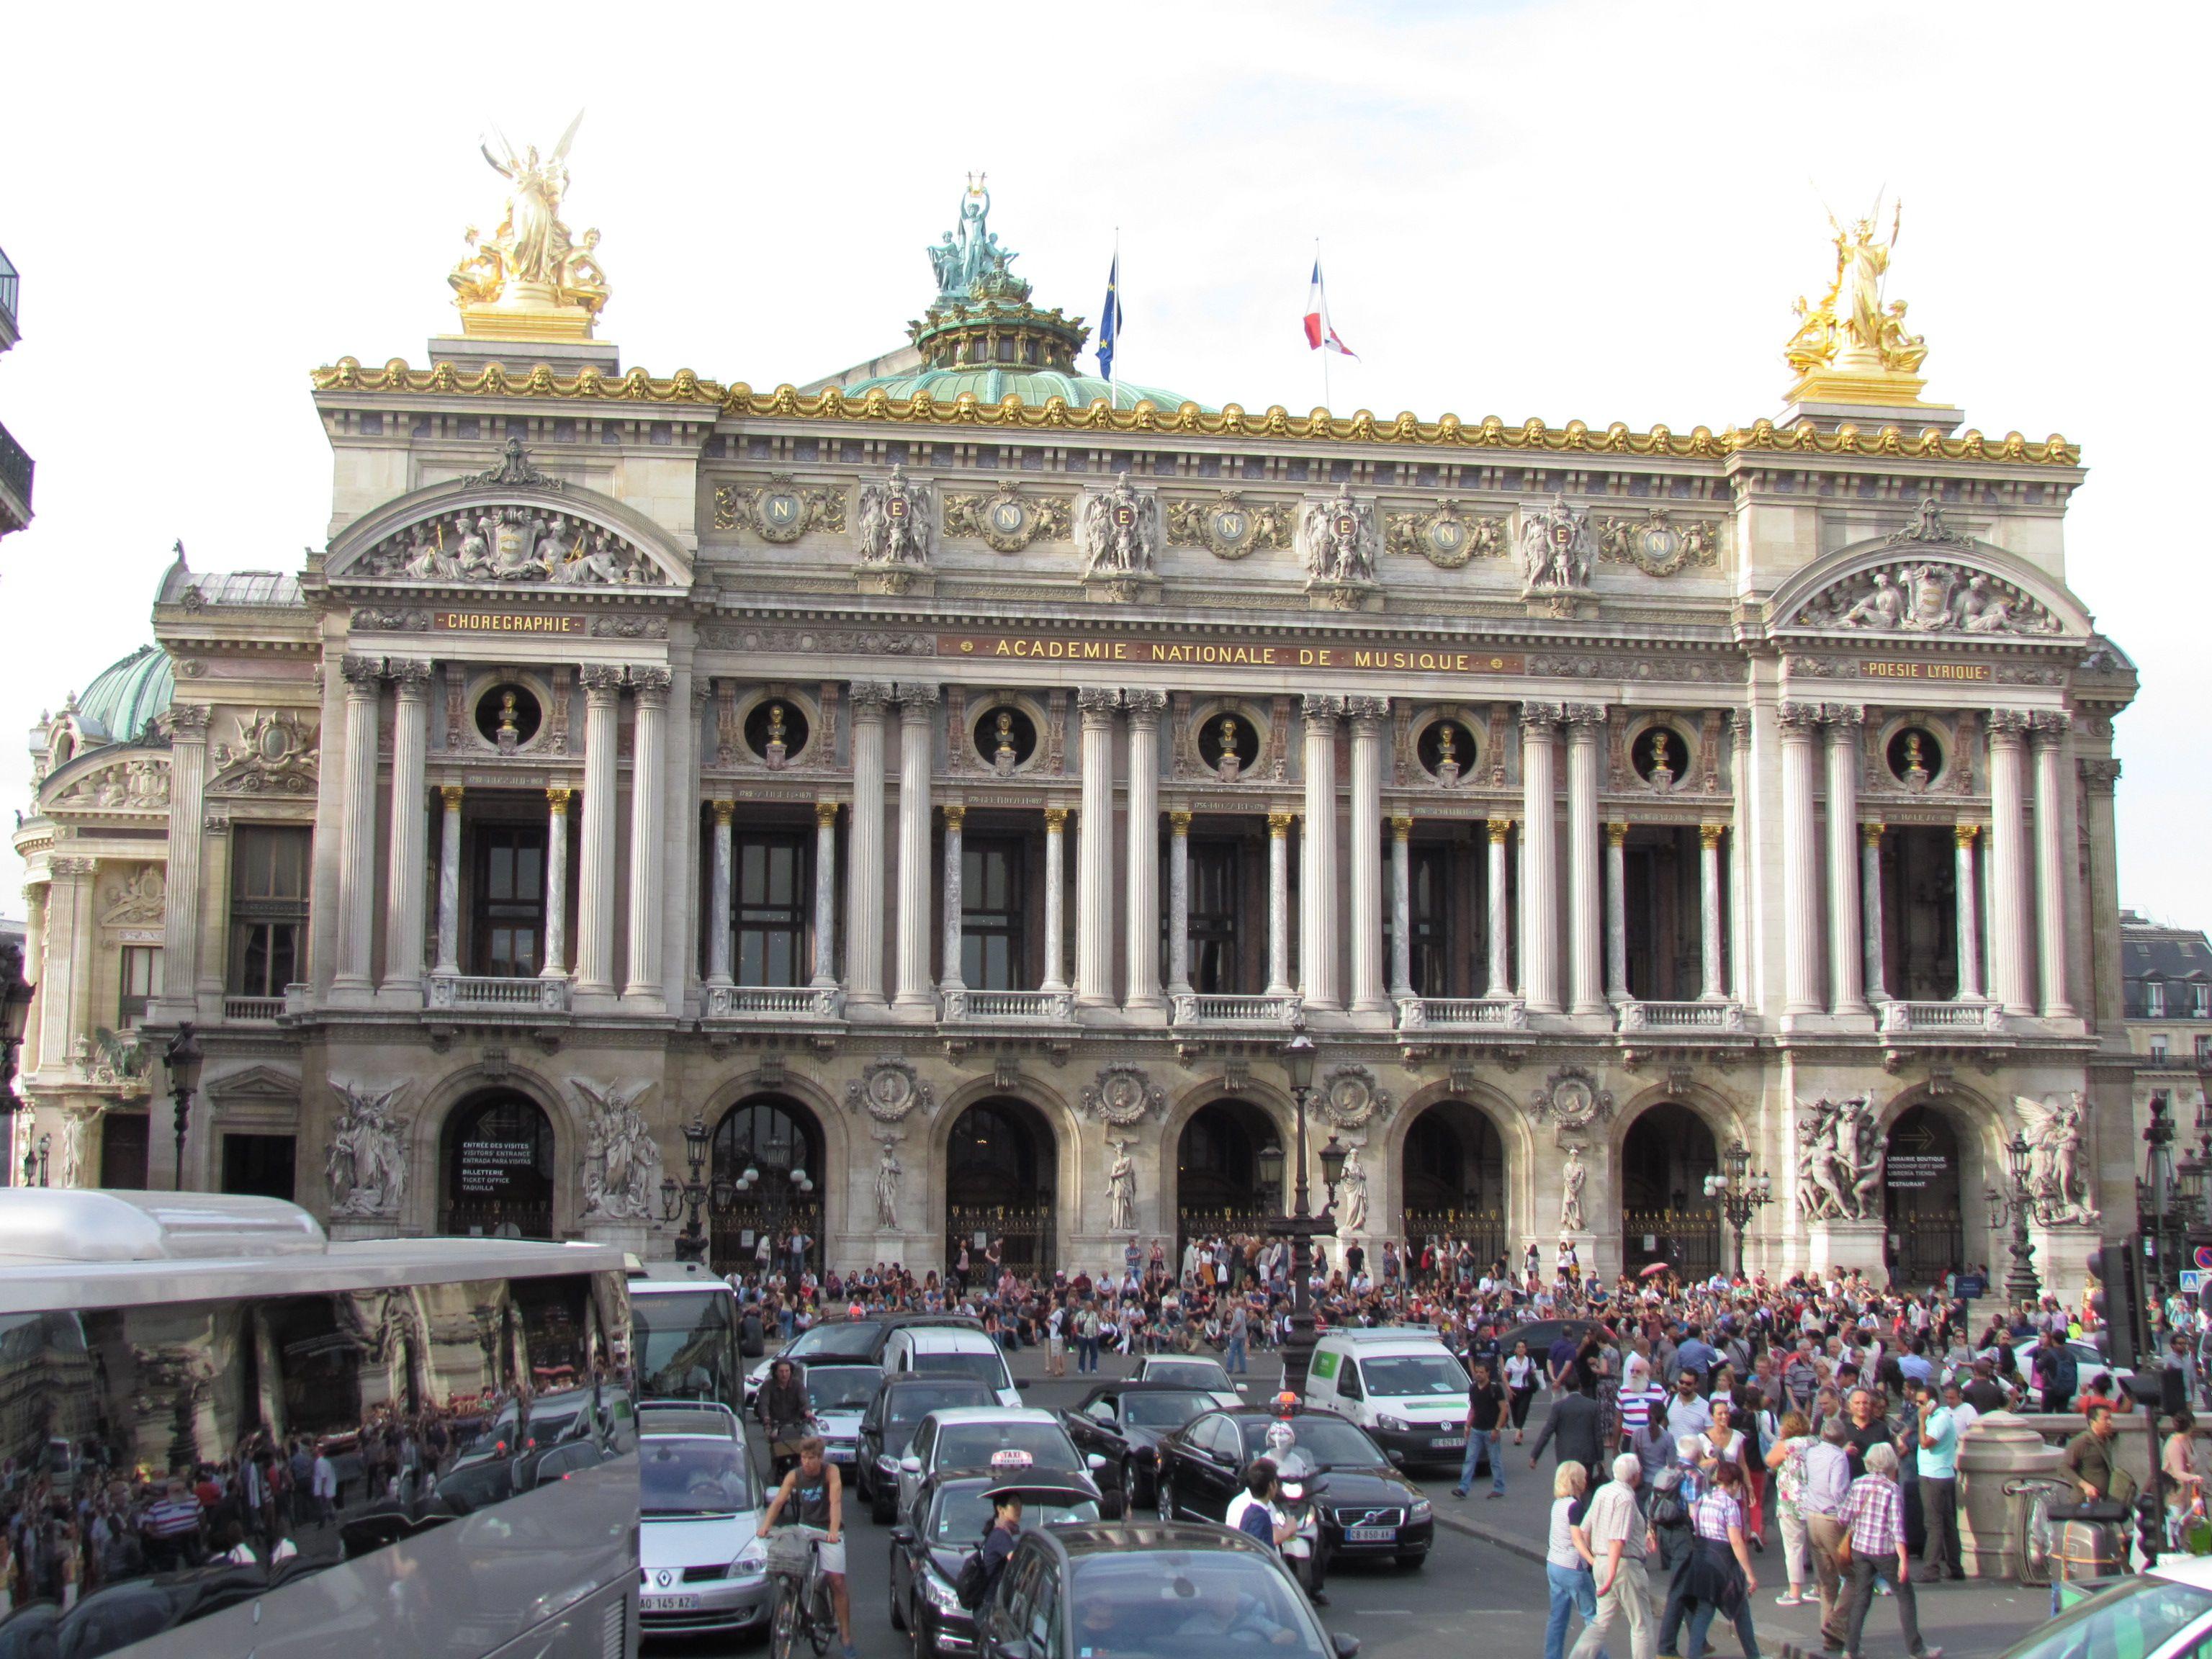 La Ópera Garnier, Palacio Garnier u Ópera de París, de estilo neobarroco, es uno de los edificios más característicos de París. Napoleón III ordenó su construcción al arquitecto Charles Garnier. Desde su inauguración en 1875, la ópera fue llamada oficialmente Academia Nacional de Música — Teatro de la Ópera. En 1989 la Compañía de la Ópera se trasladó, y su vieja sede recibió el nombre de Palacio Garnier, donde permanece la Academia Nacional de Música.